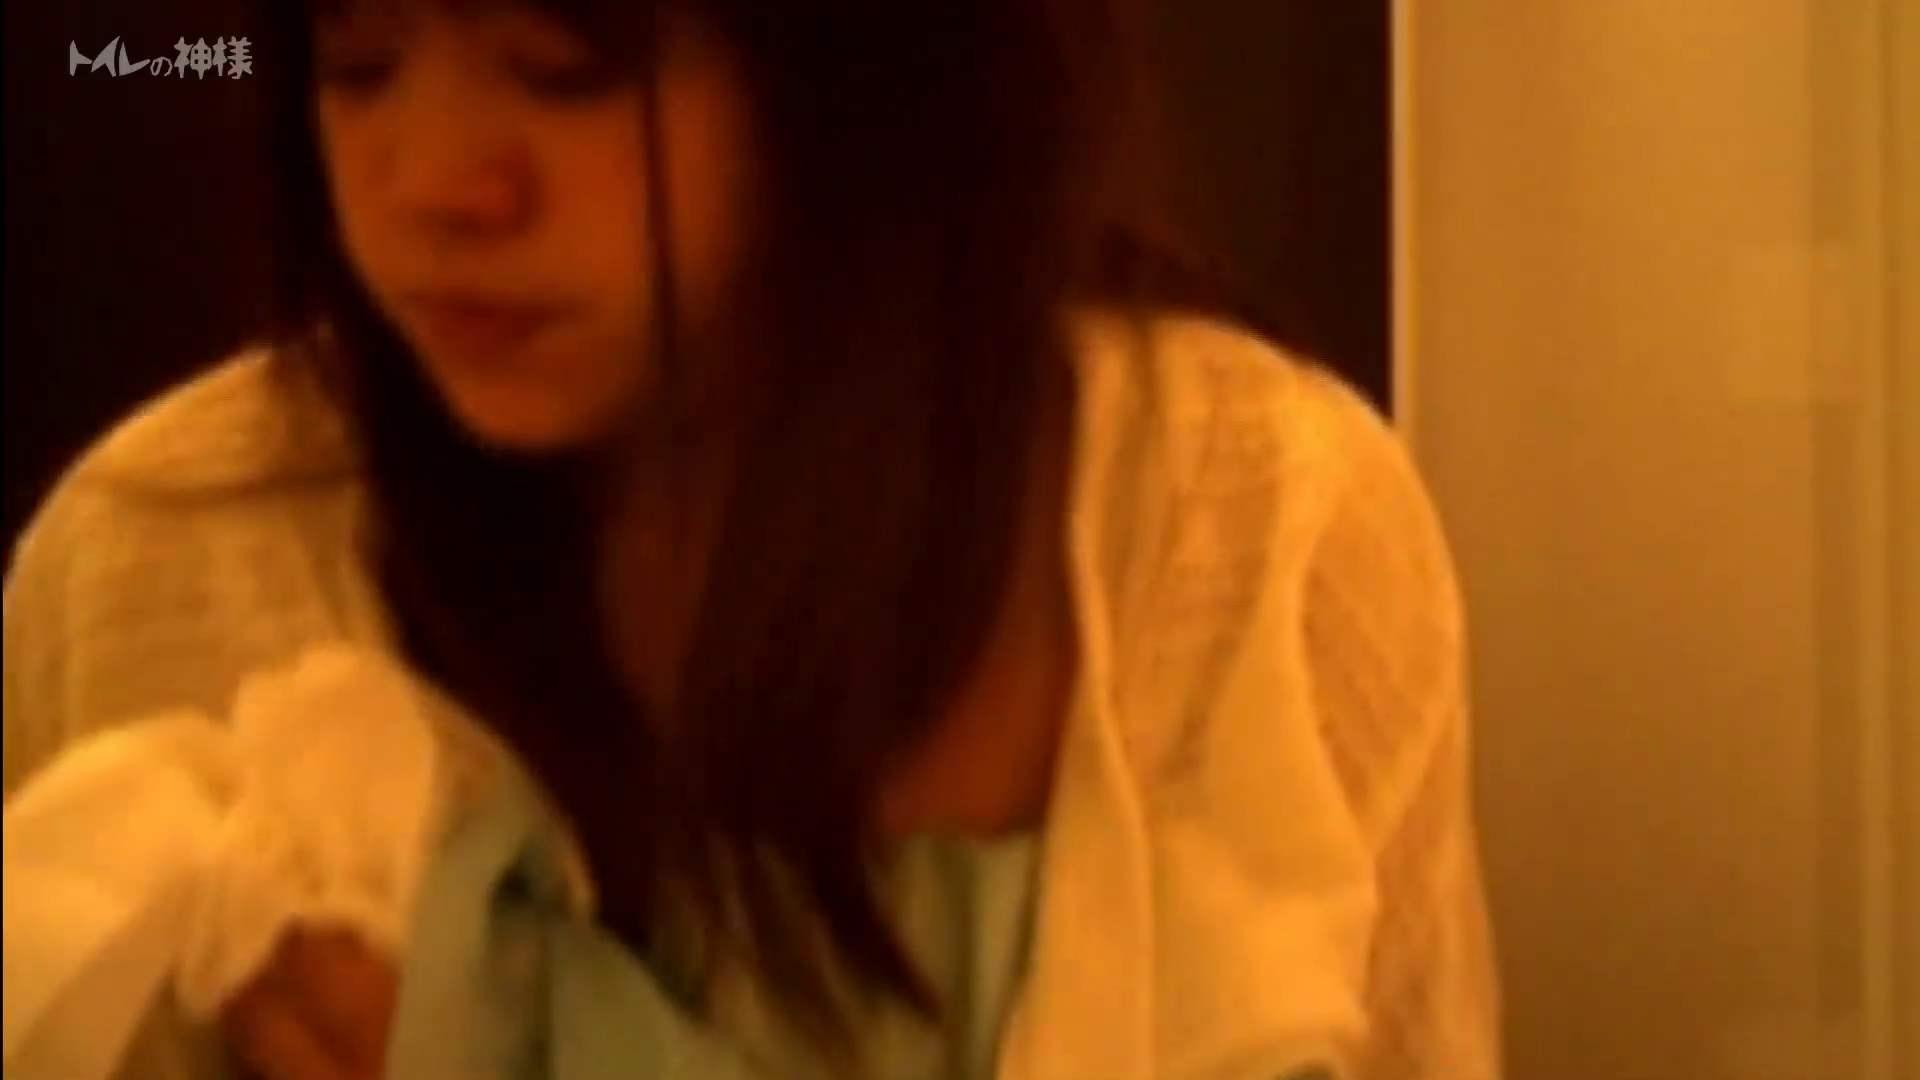 トイレの神様 Vol.03 彼女のうんち隠し撮り OLのボディ | トイレの実態  81PIX 65